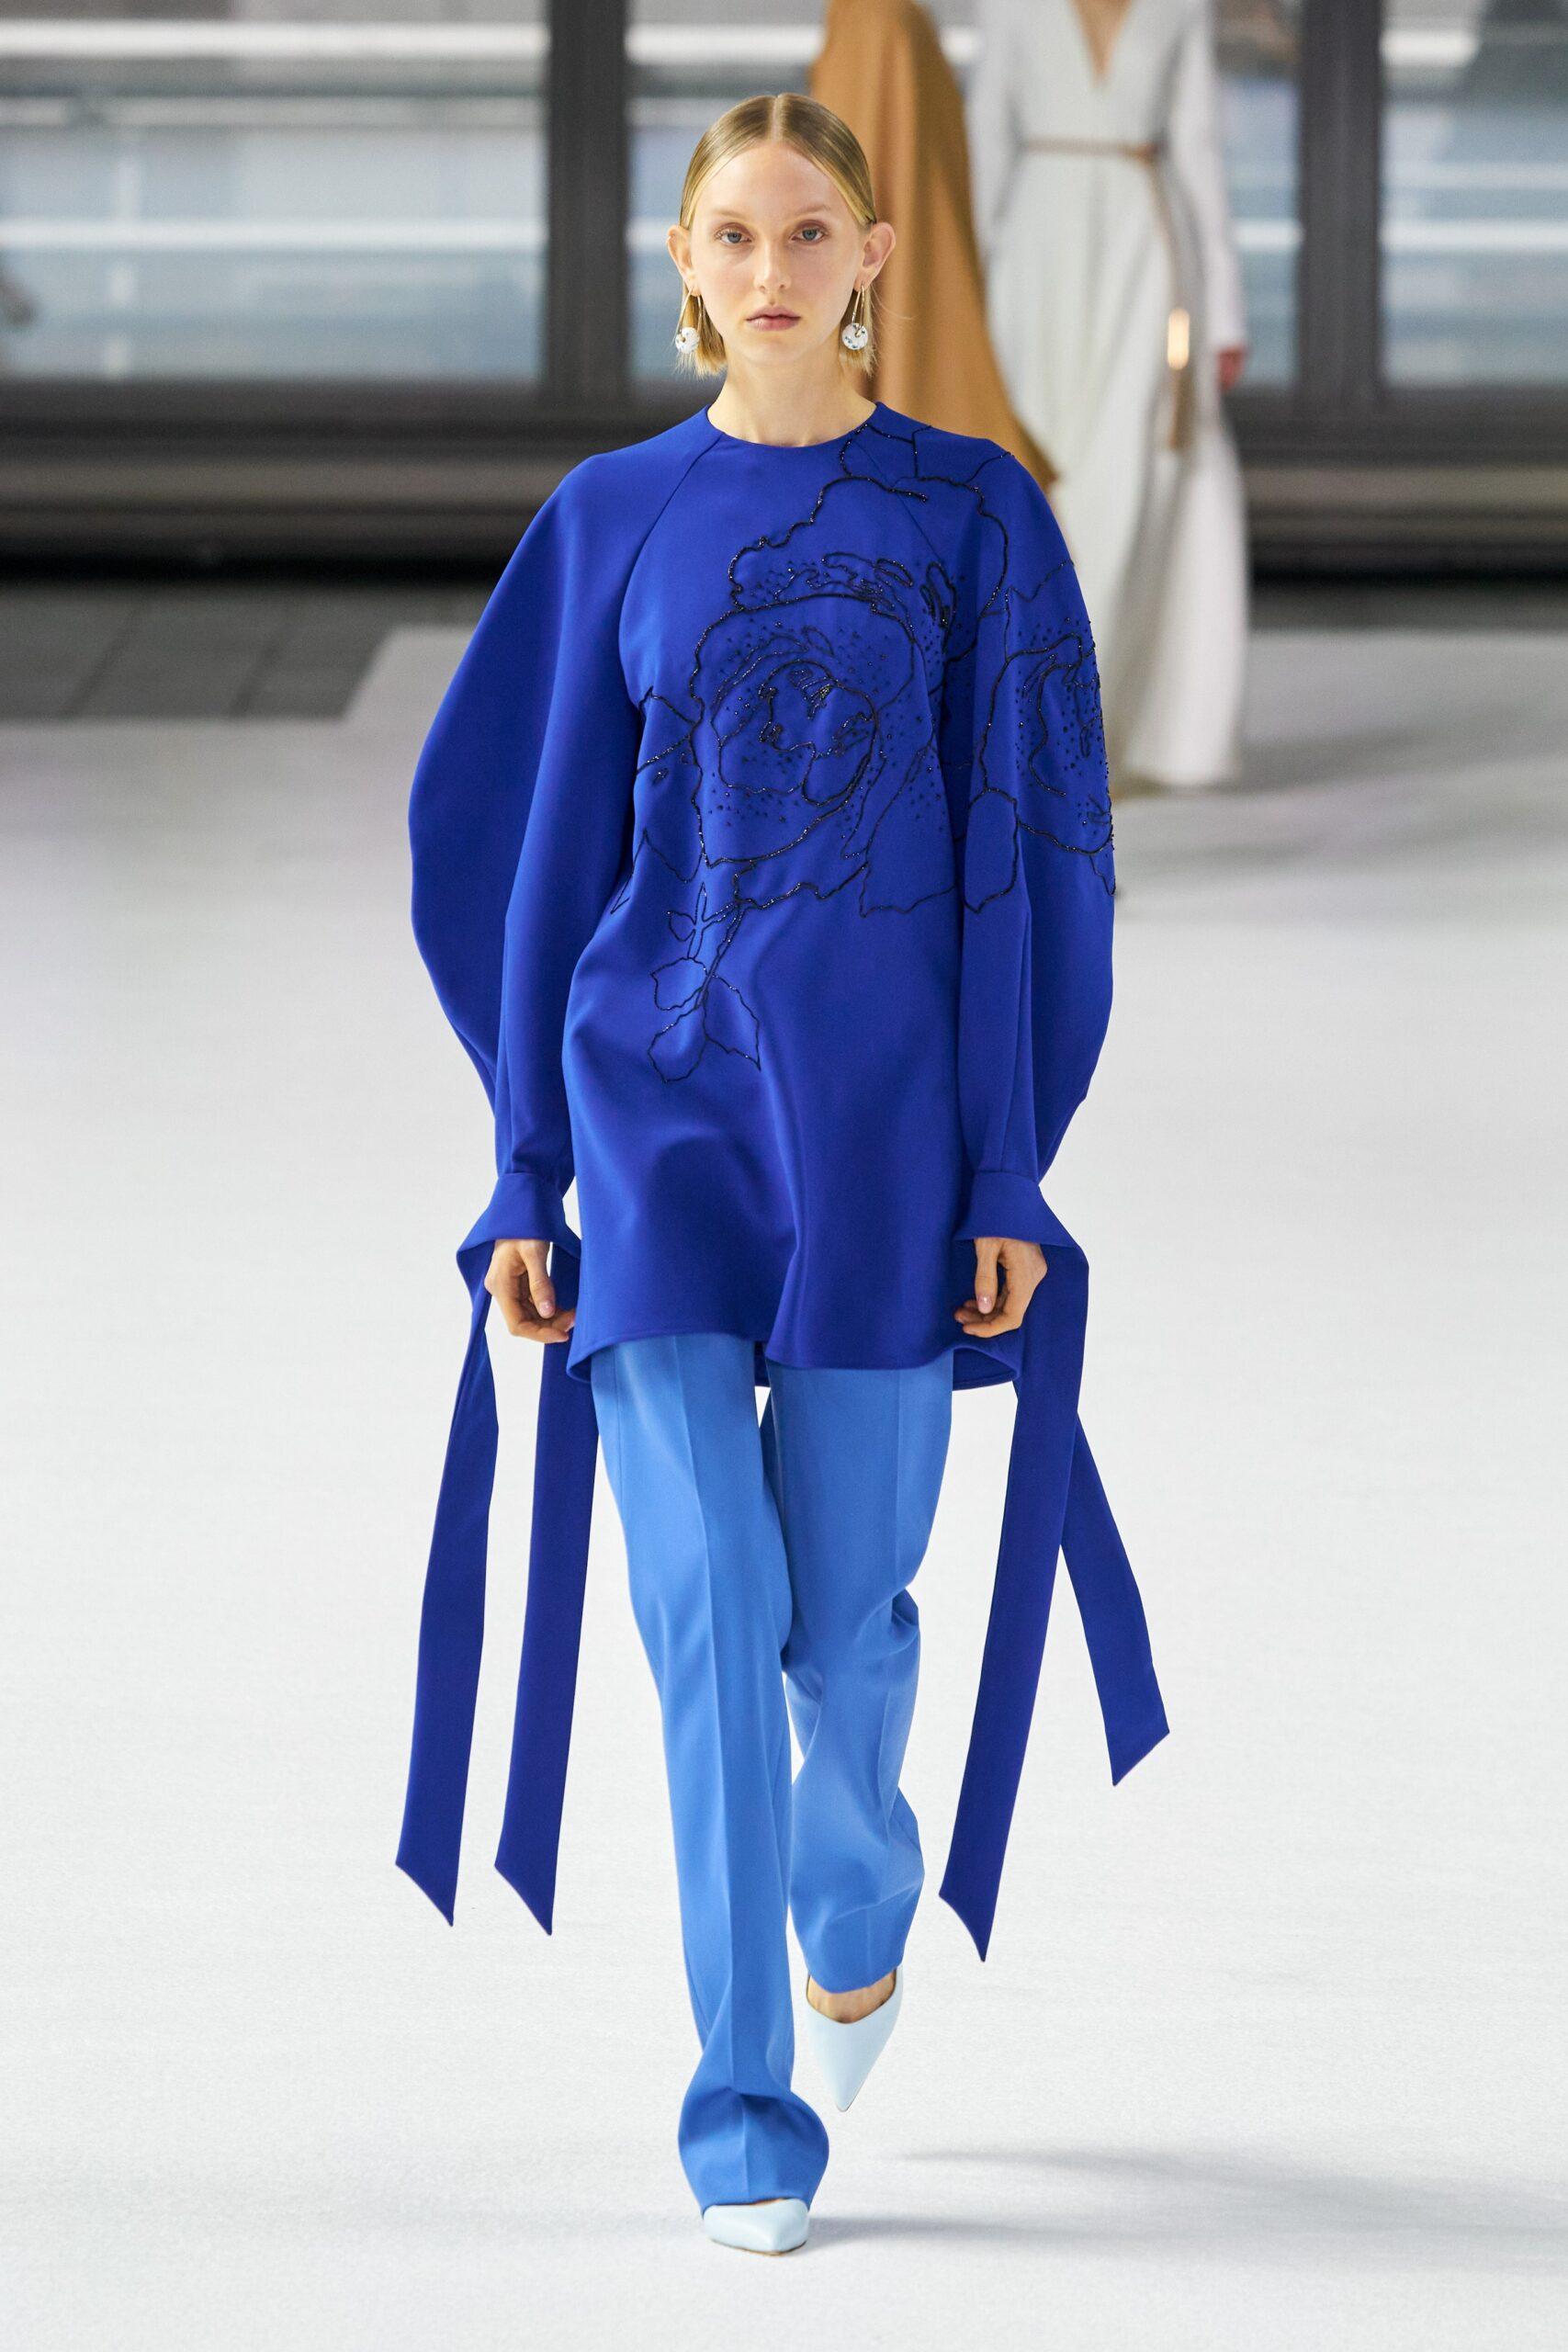 Carolina Herrera Fall 2020 ready-to-wear